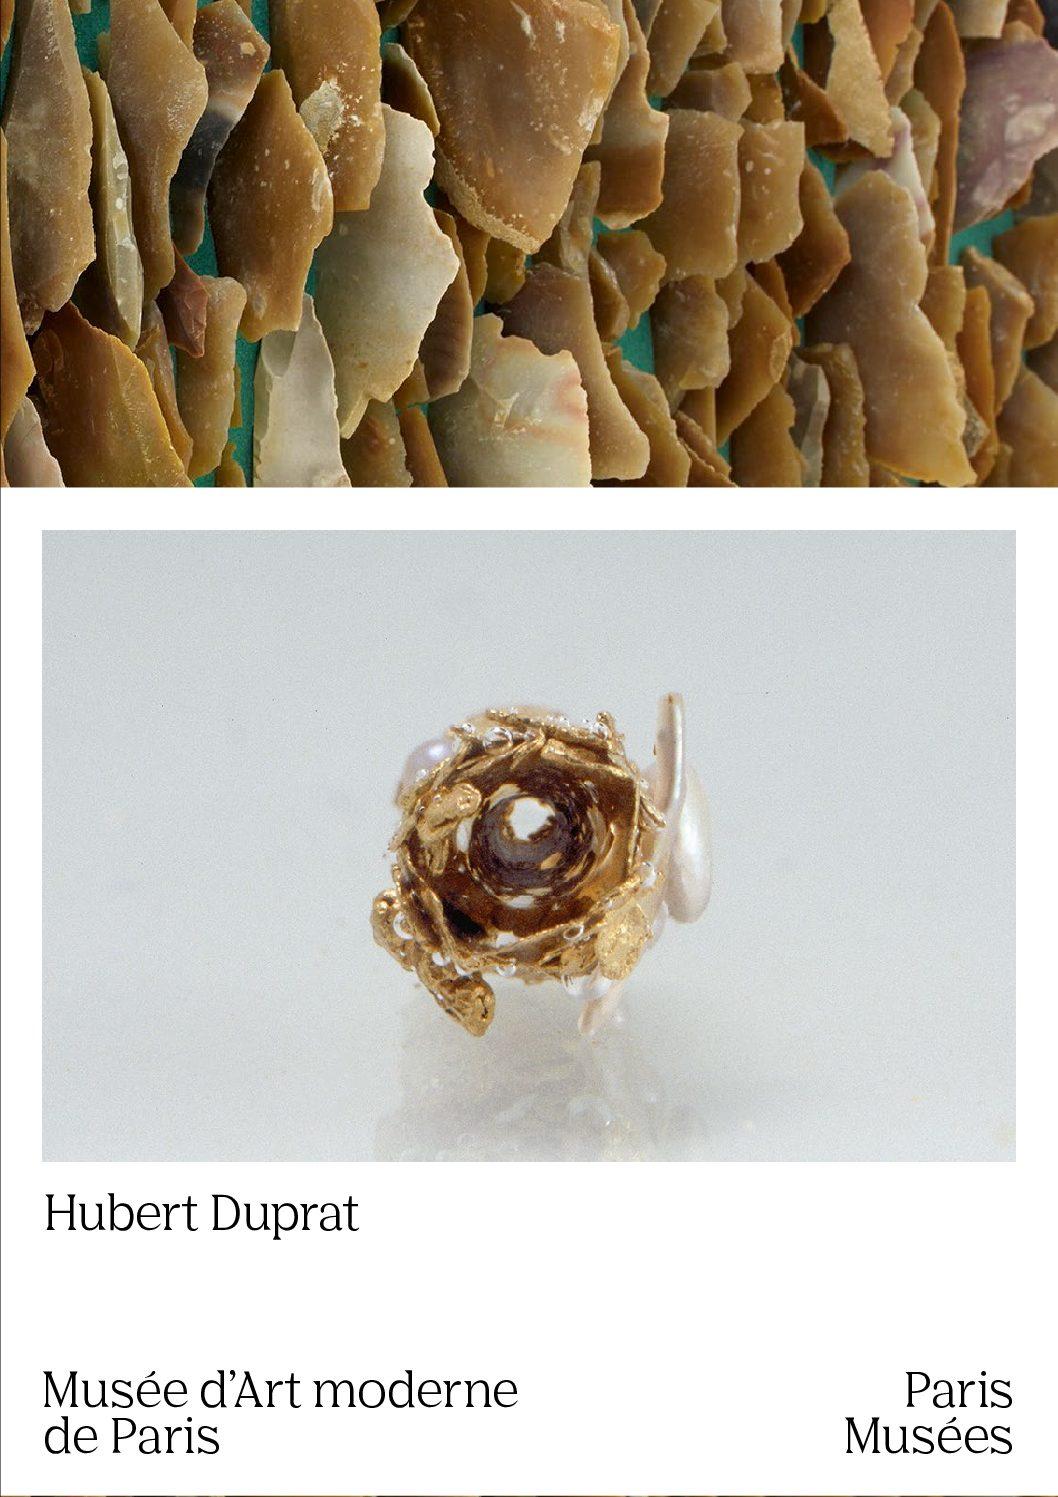 Rétrospective Hubert Duprat au Musée d'Art moderne de Paris. Catalogue édité par Paris Musées.